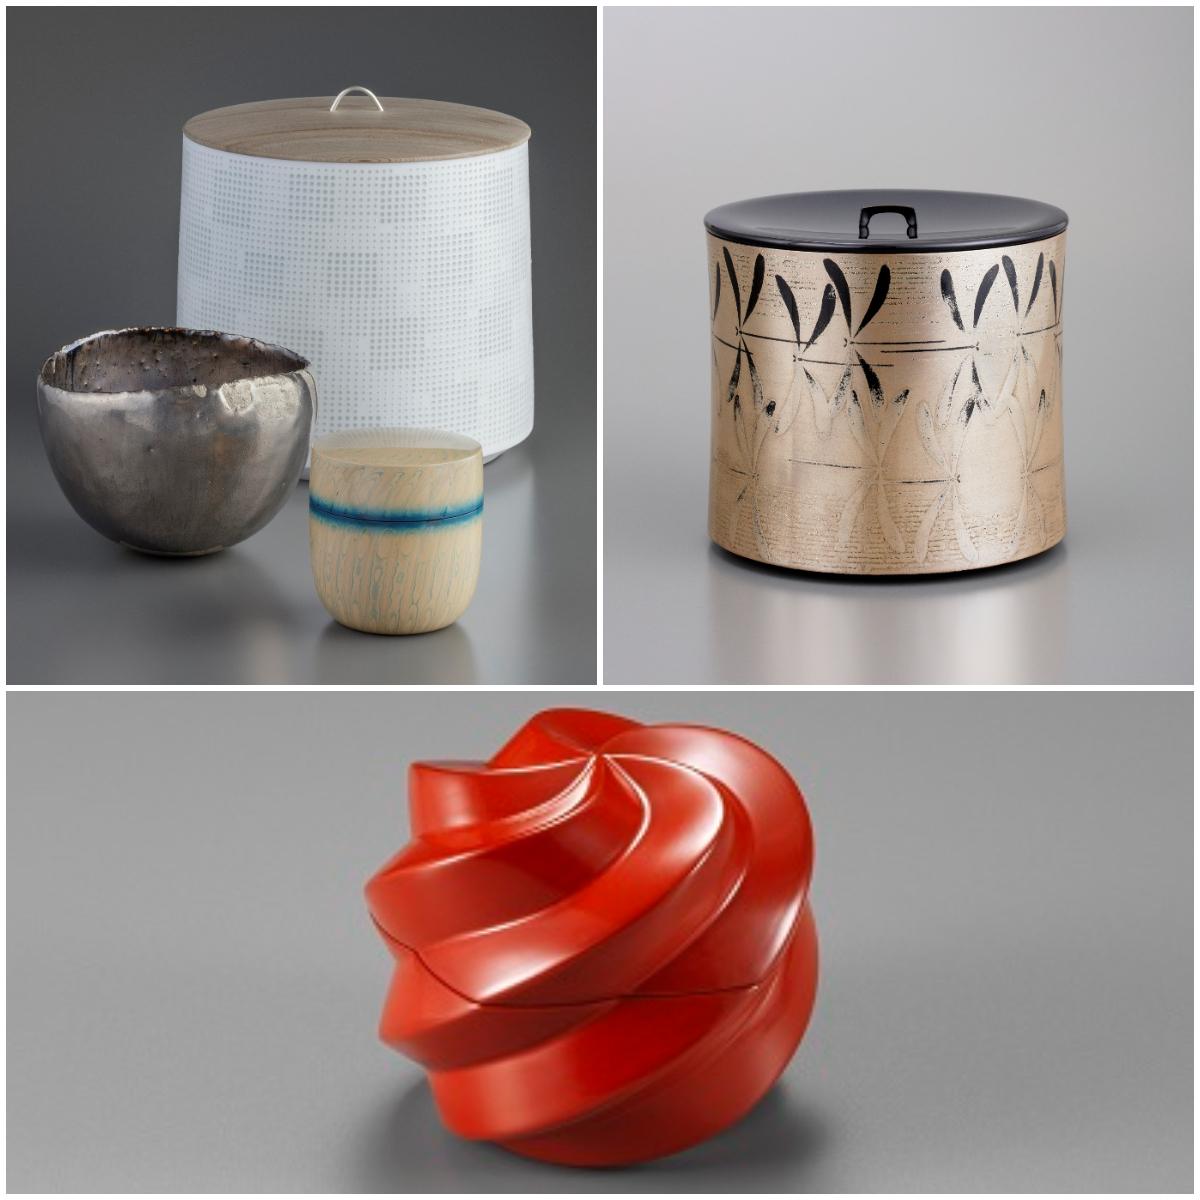 国立工芸館石川移転開館記念展Ⅲ 近代工芸と茶の湯のうつわ-四季のしつらい-